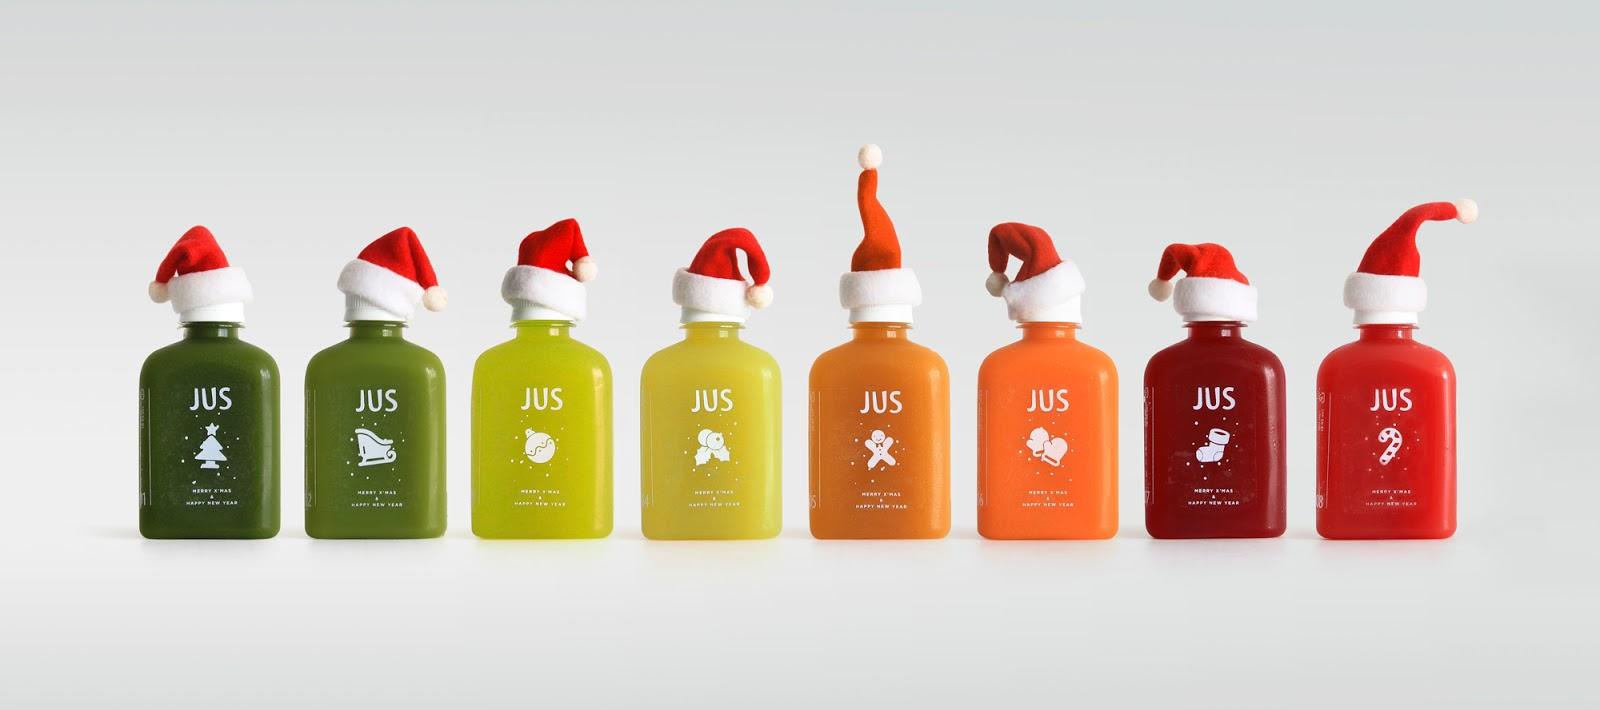 JUS • Juice Up Santa | Christmas Seasonal Packaging on